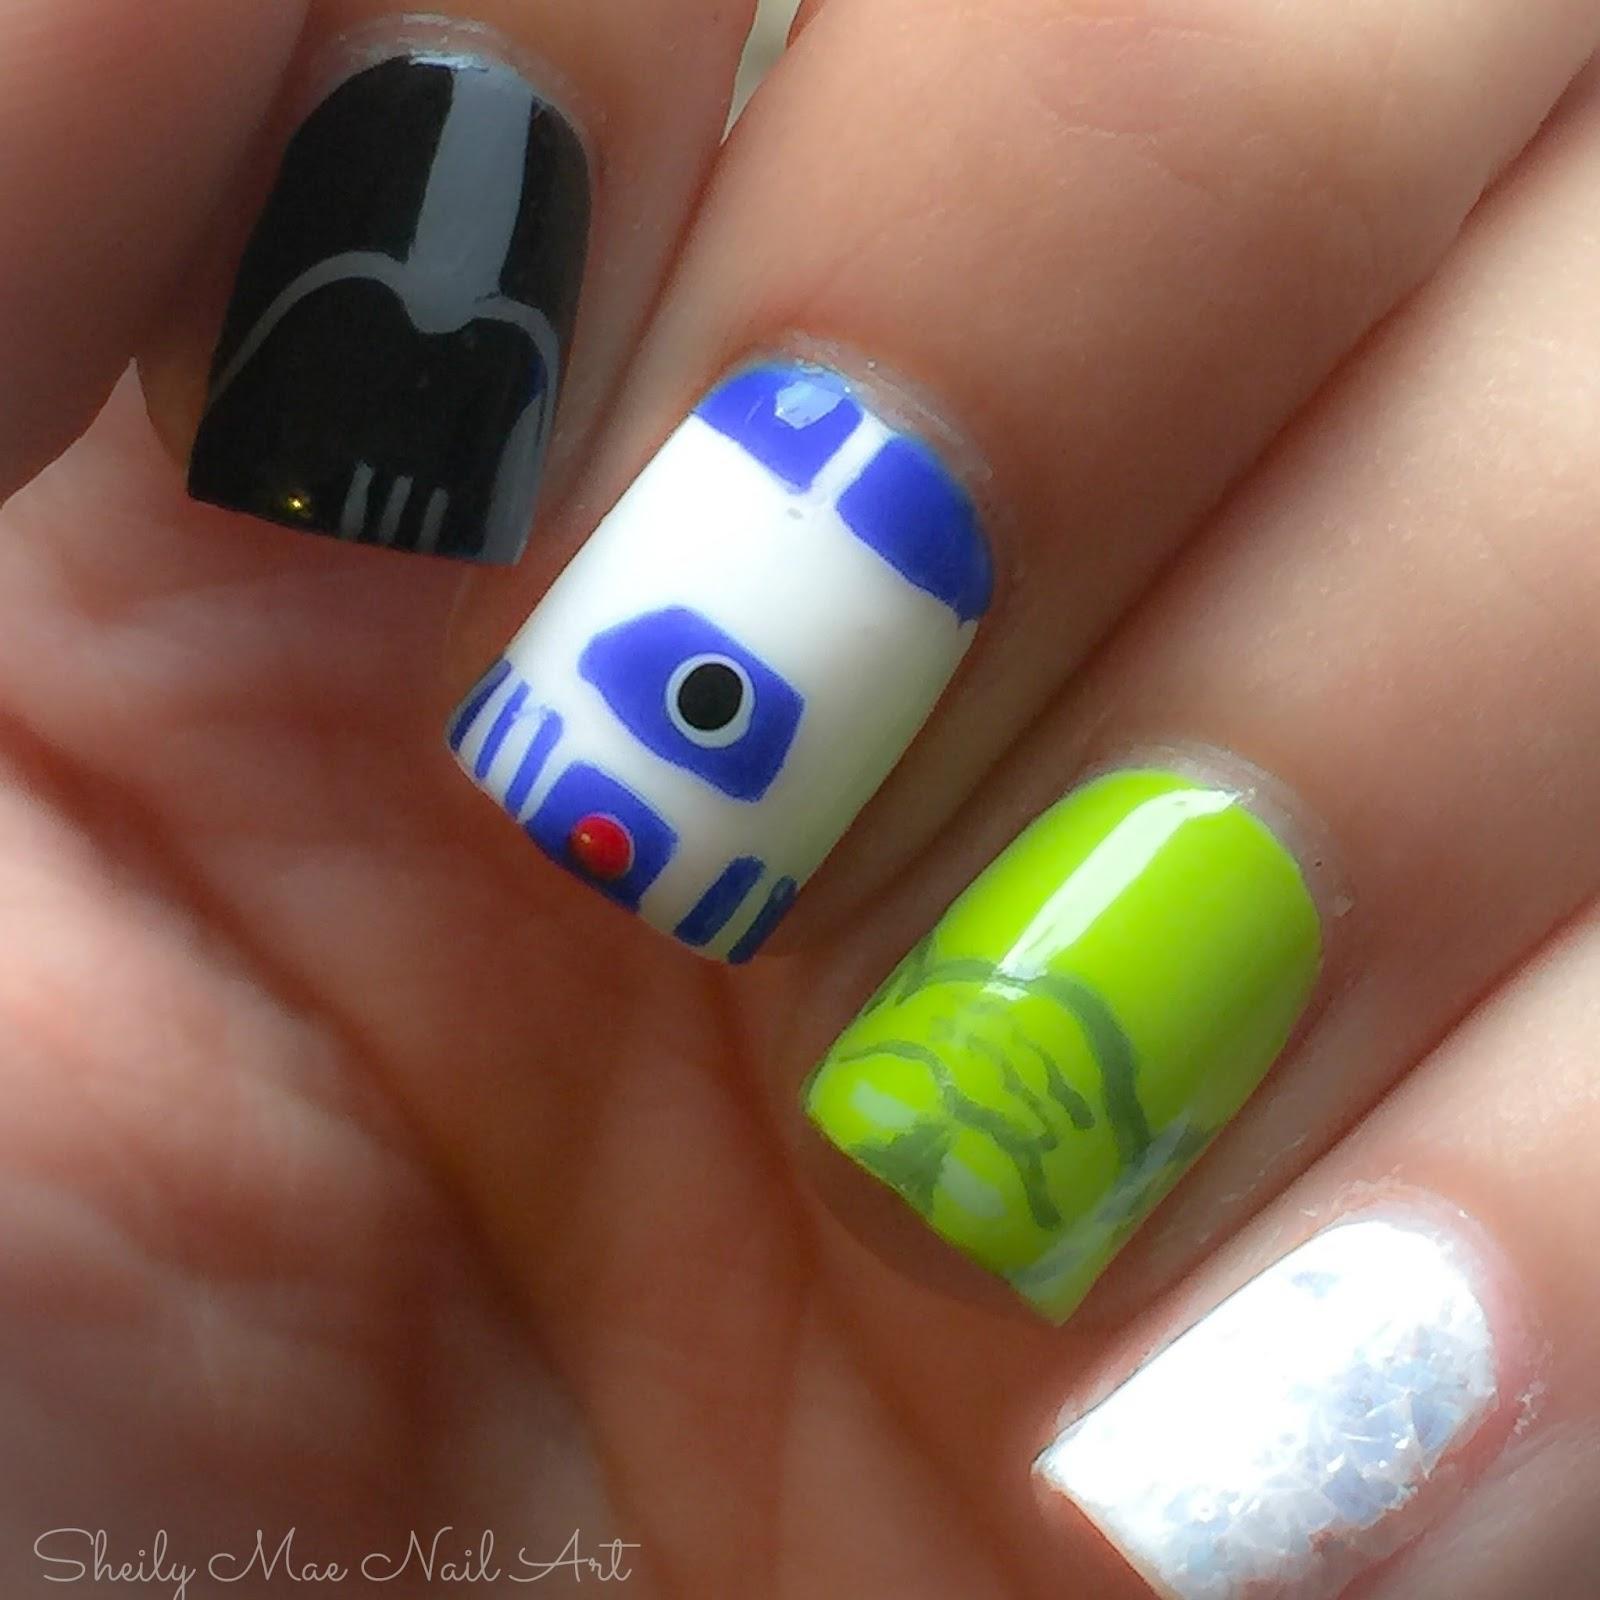 Star Wars Nail Art - Sheily Mae Nail Art